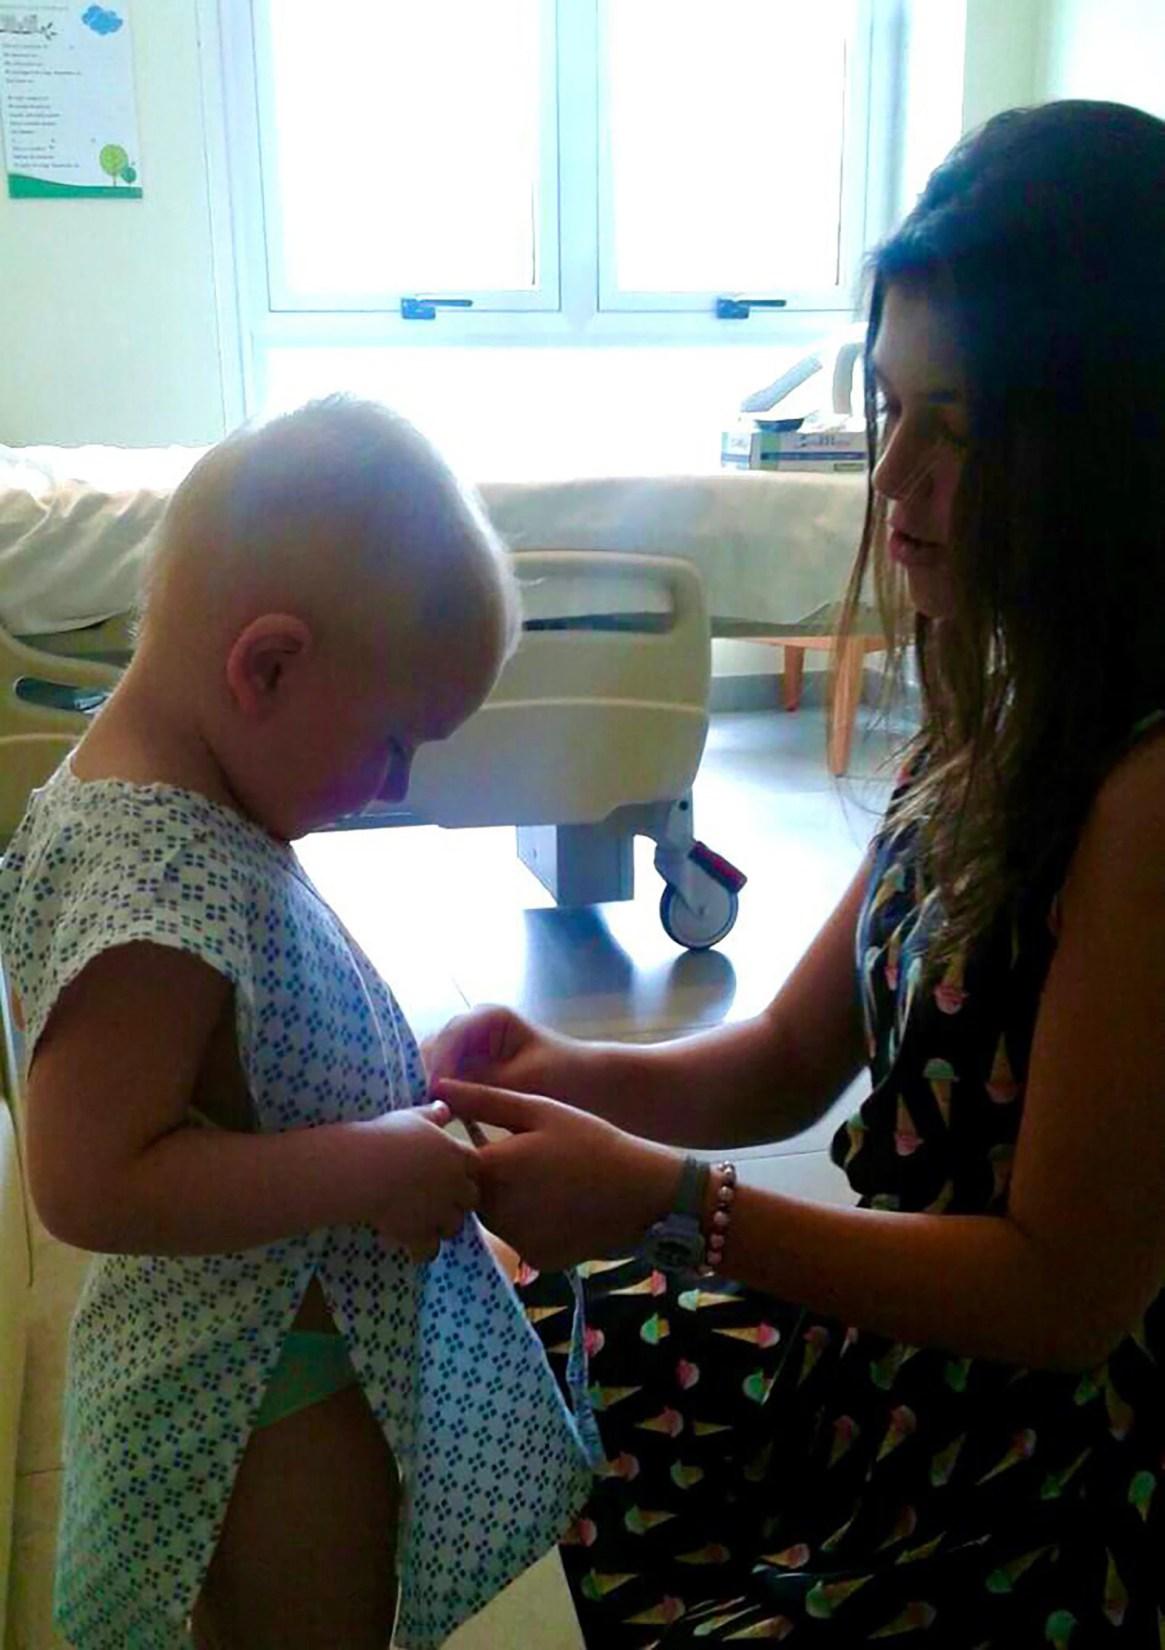 Luego de pasar tanto tiempo internado, la rutina de todos los días de la familia pasó a ser mayormente en el hospital